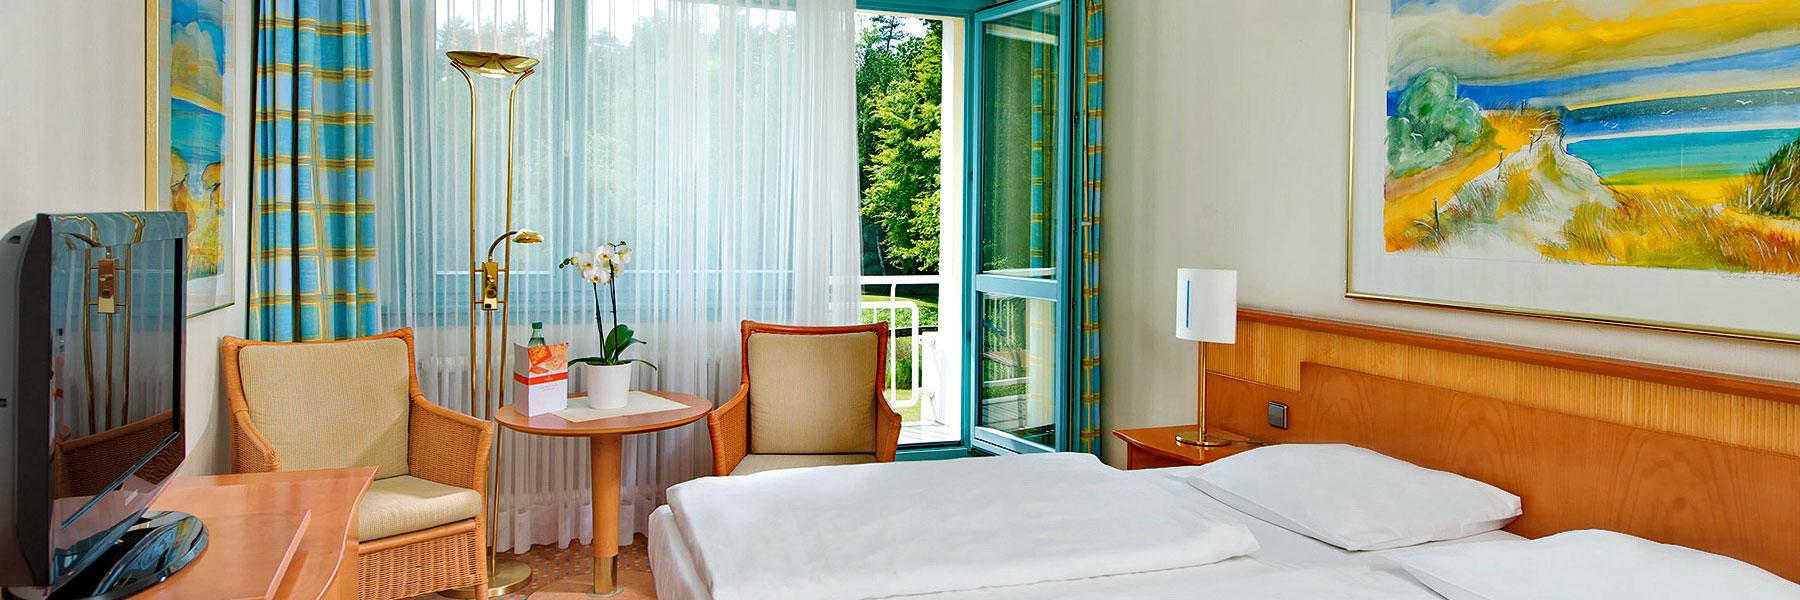 Doppelzimmer - Bernstein Hotel Prerow